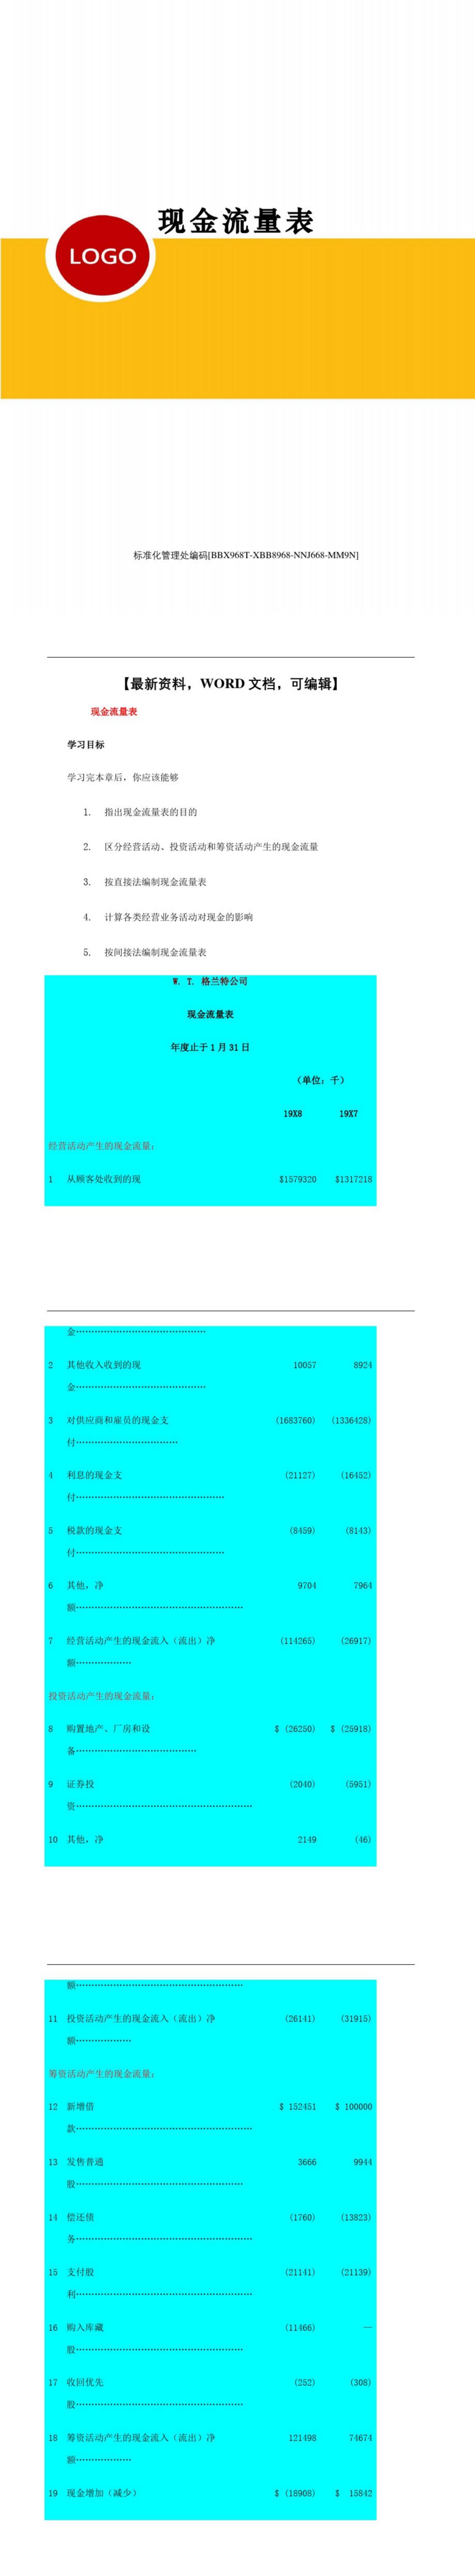 现金流量表完整版_00.png